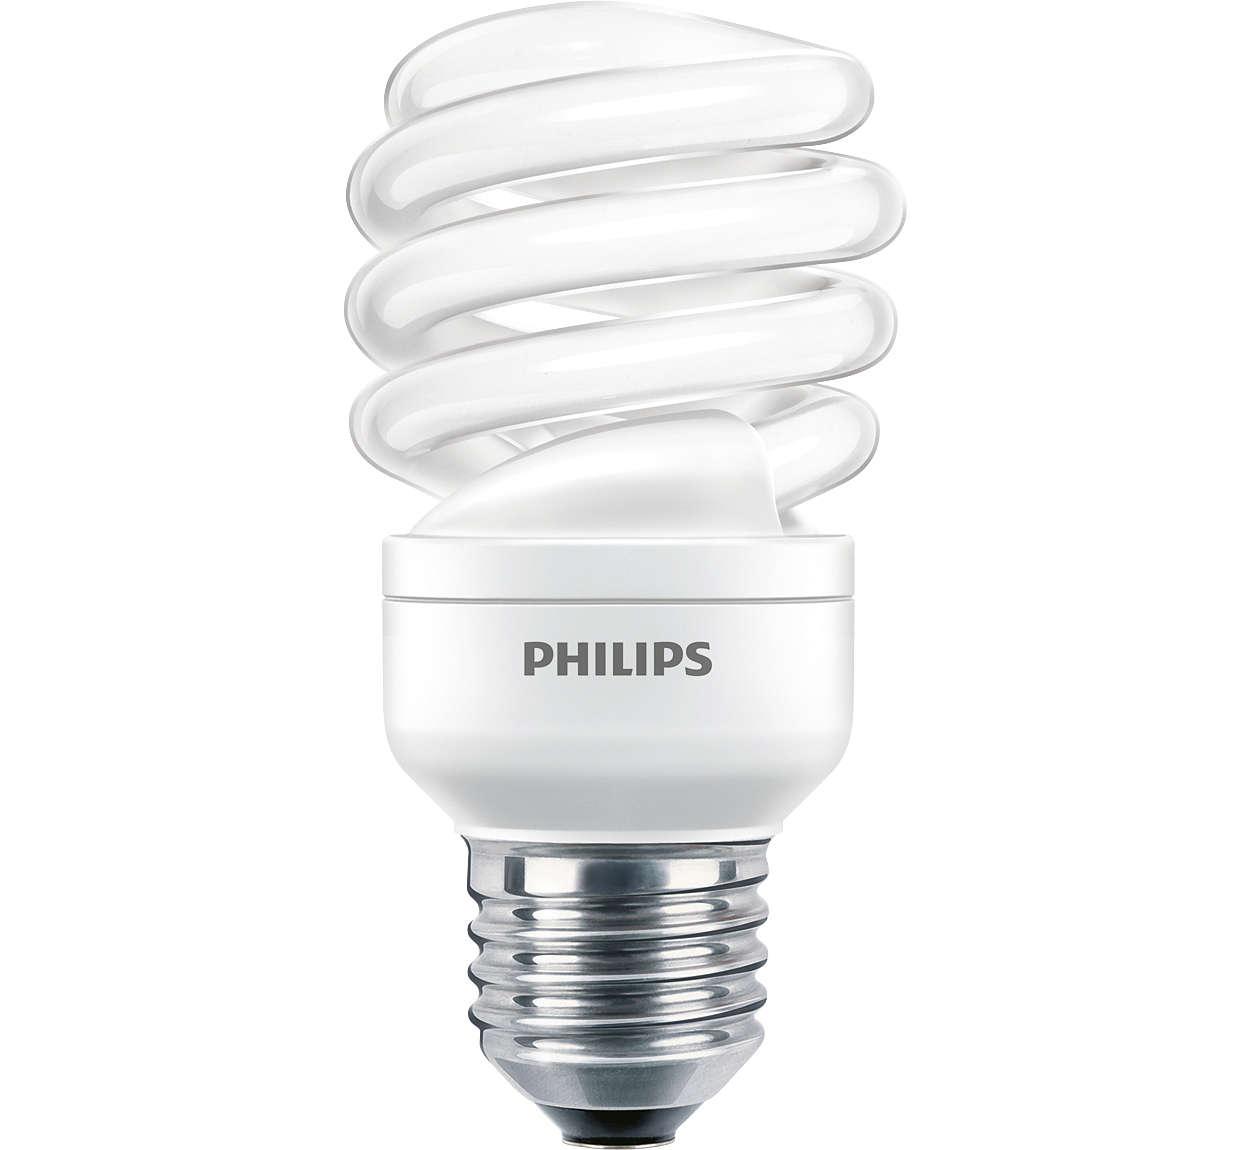 Καλός λαμπτήρας εξοικονόμησης ενέργειας με συμπαγές σχήμα